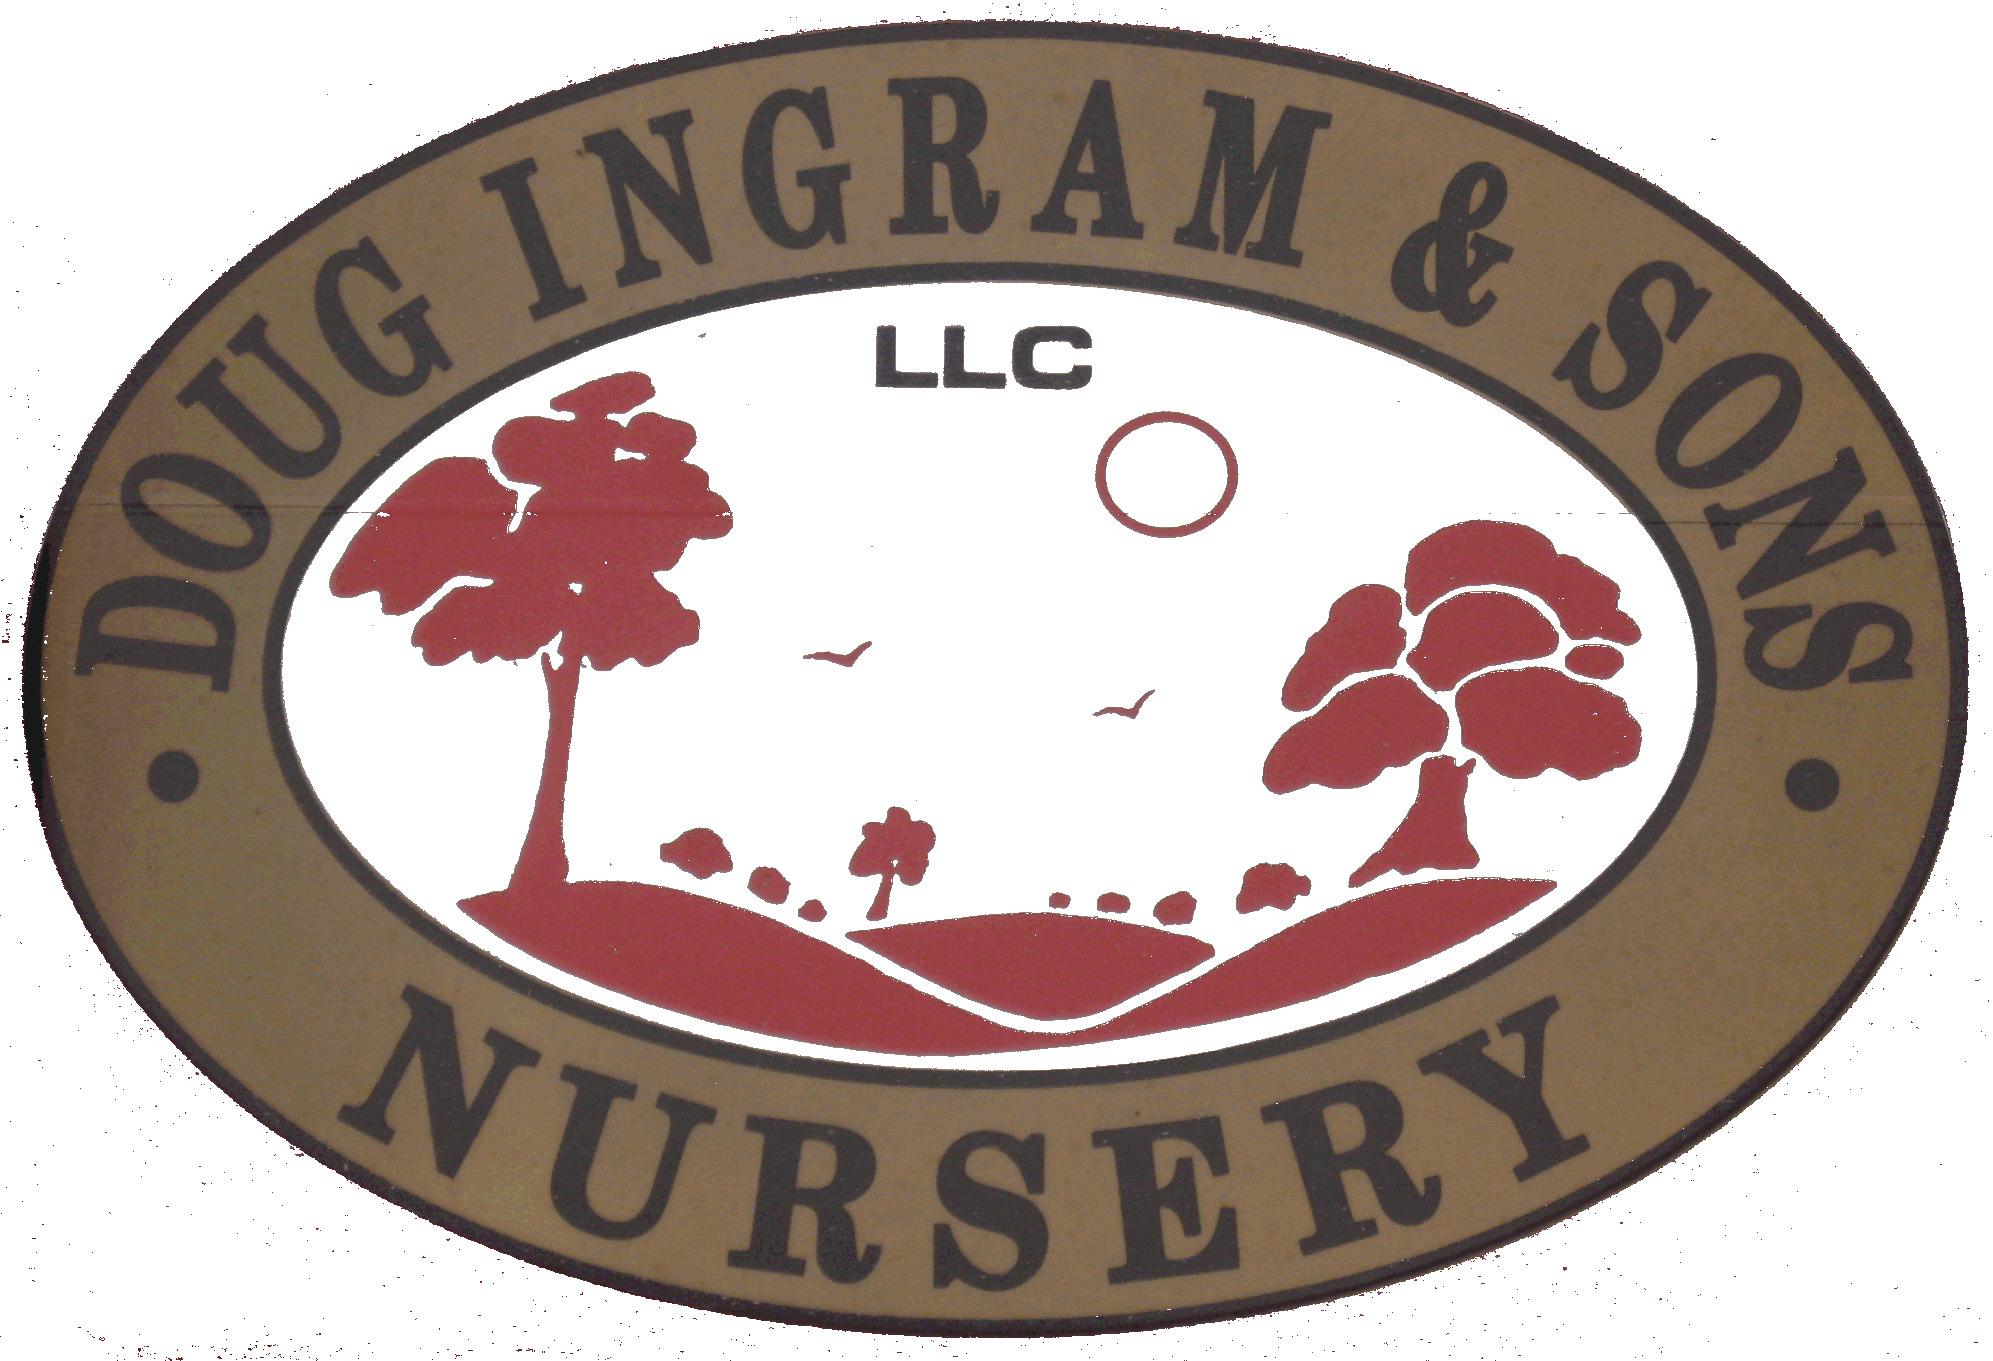 Doug Ingram Wholesale Nursery -